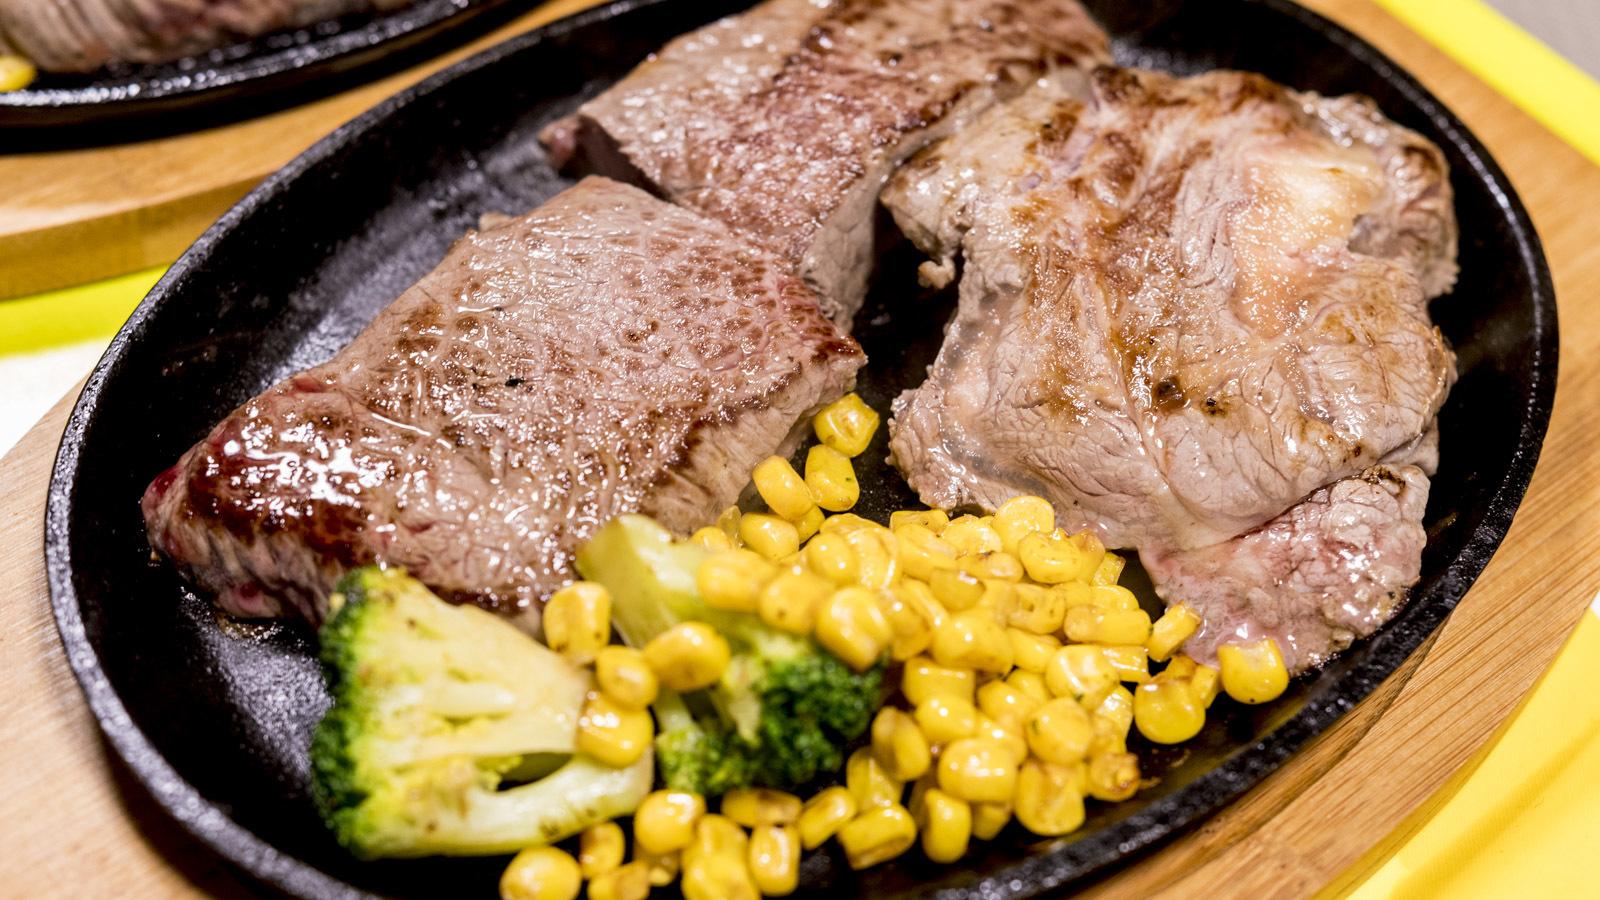 ワイルド・スピードを見ると肉が焼けてクルマが直り、プラモが大量に完成する話。_b0029315_22140233.jpg